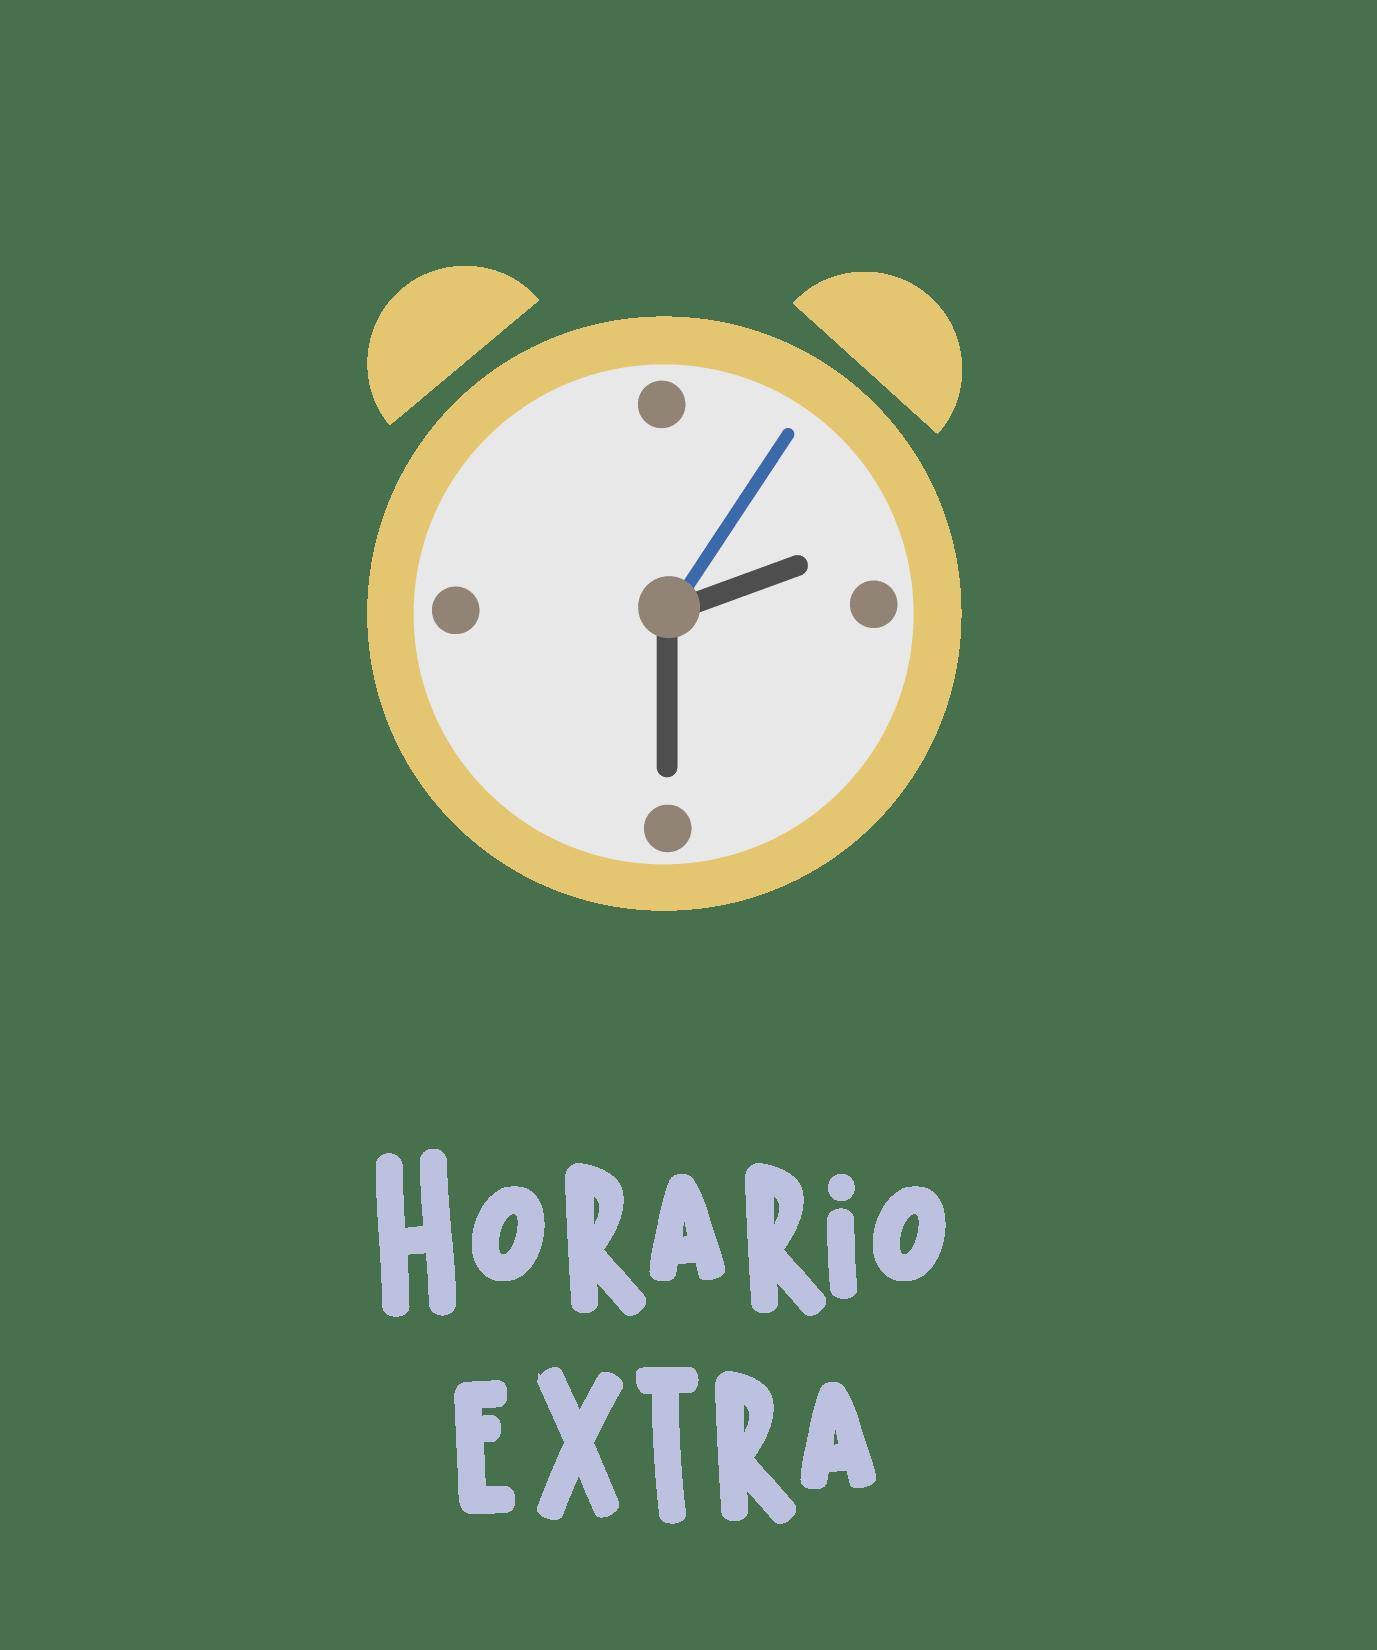 Horario extra